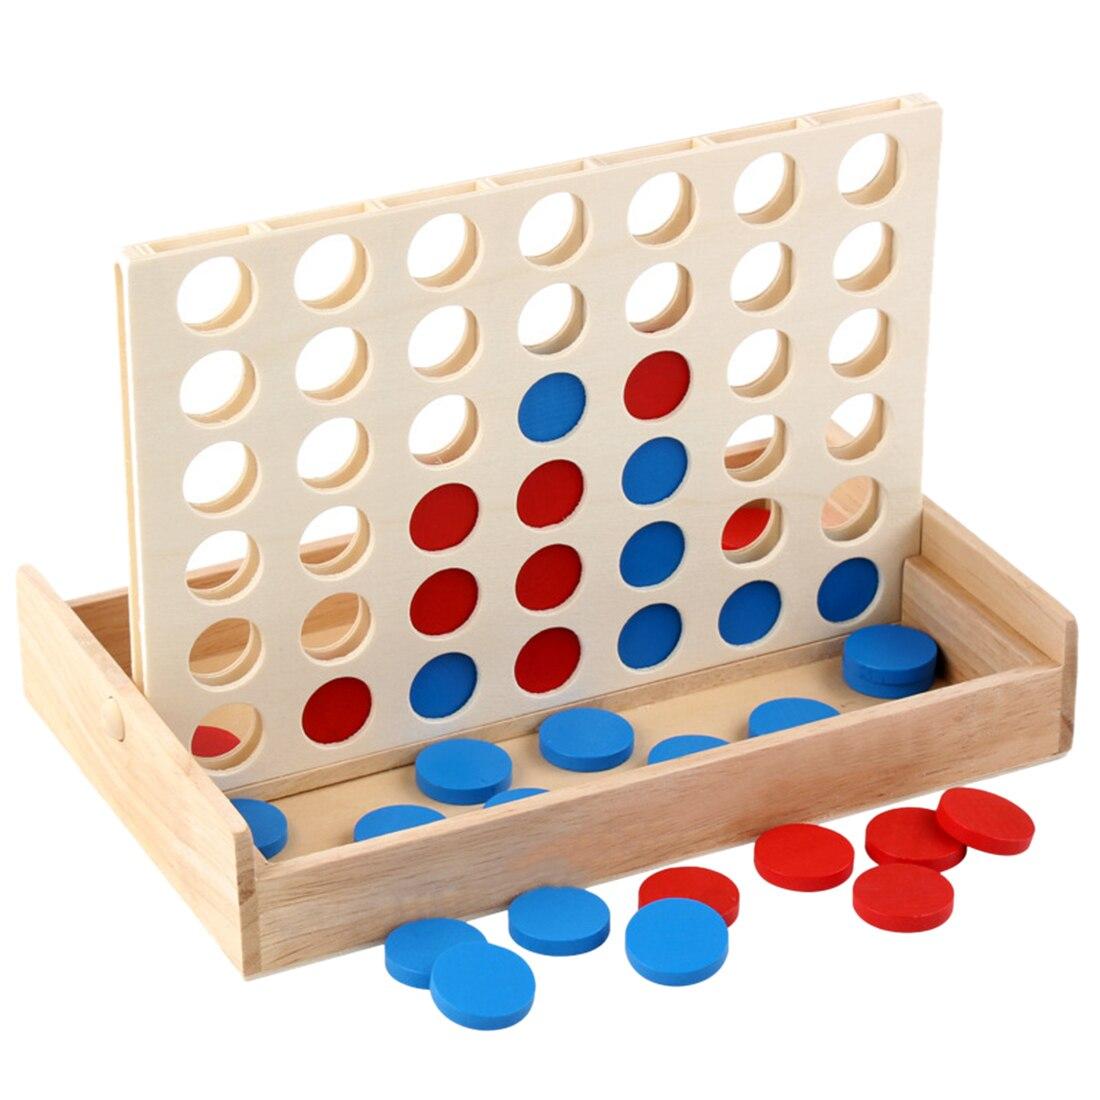 Ajedrez en 3D de madera para niños cuatro en una fila ajedrez de cuatro juegos educativo juguete para juego de mesa Montessori juguetes para niños educación temprana